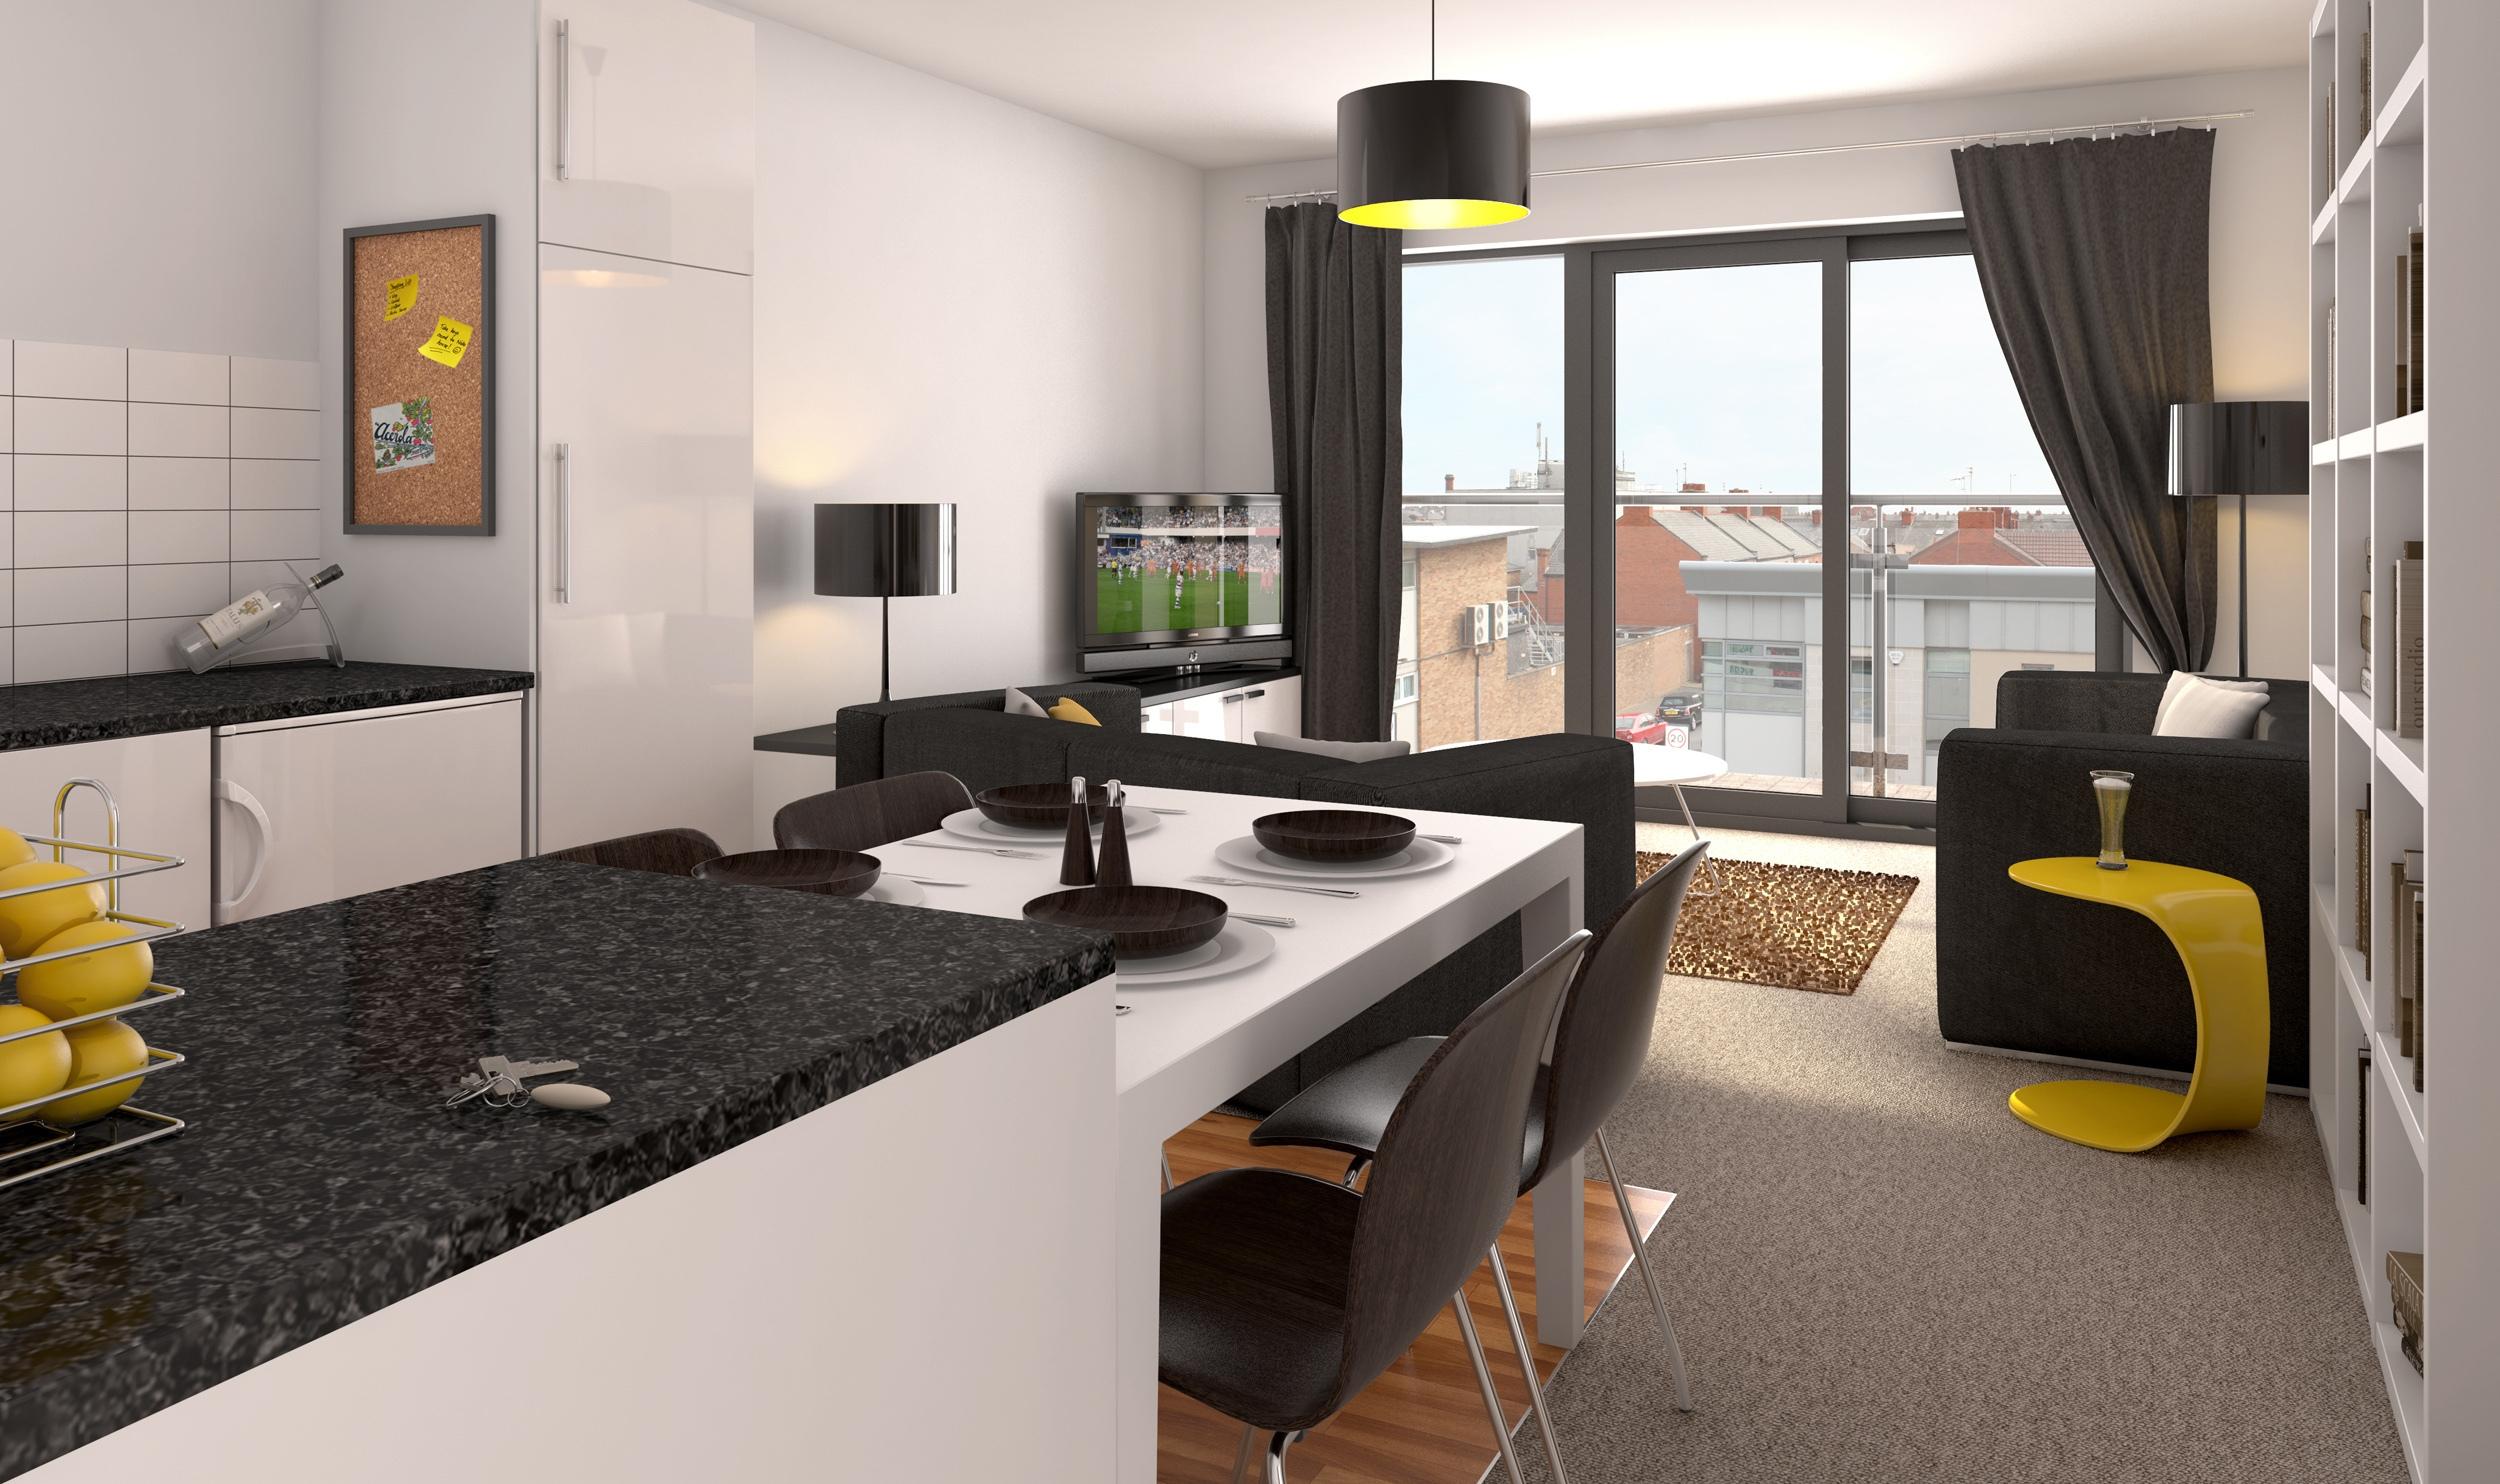 Hintergrundbilder : Zimmer, Innere, Tabelle, Sessel, Küche ...